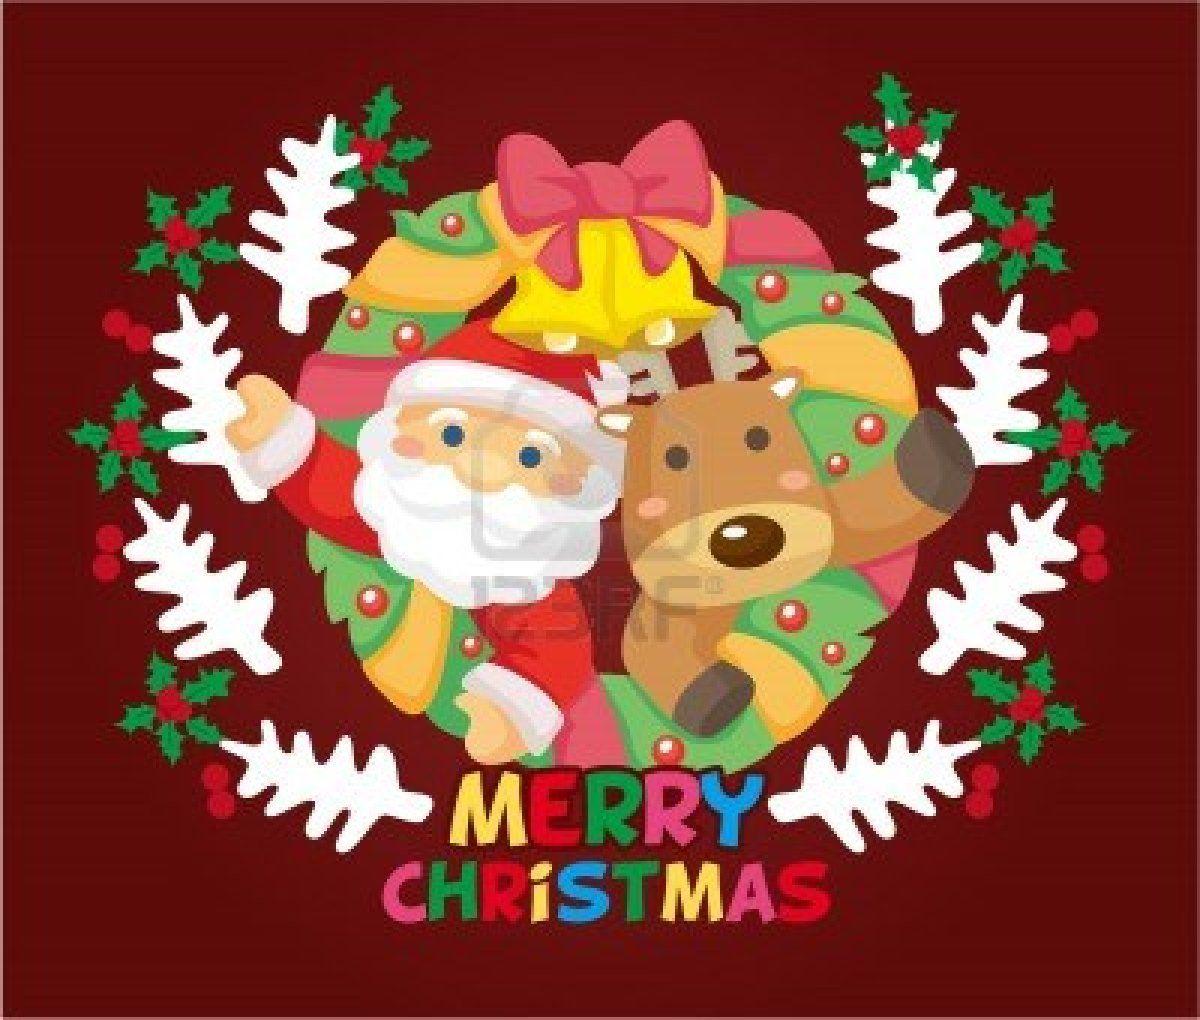 Tarjeta de navidad de dibujos animados foto de archivo - Dibujos tarjetas navidenas ...